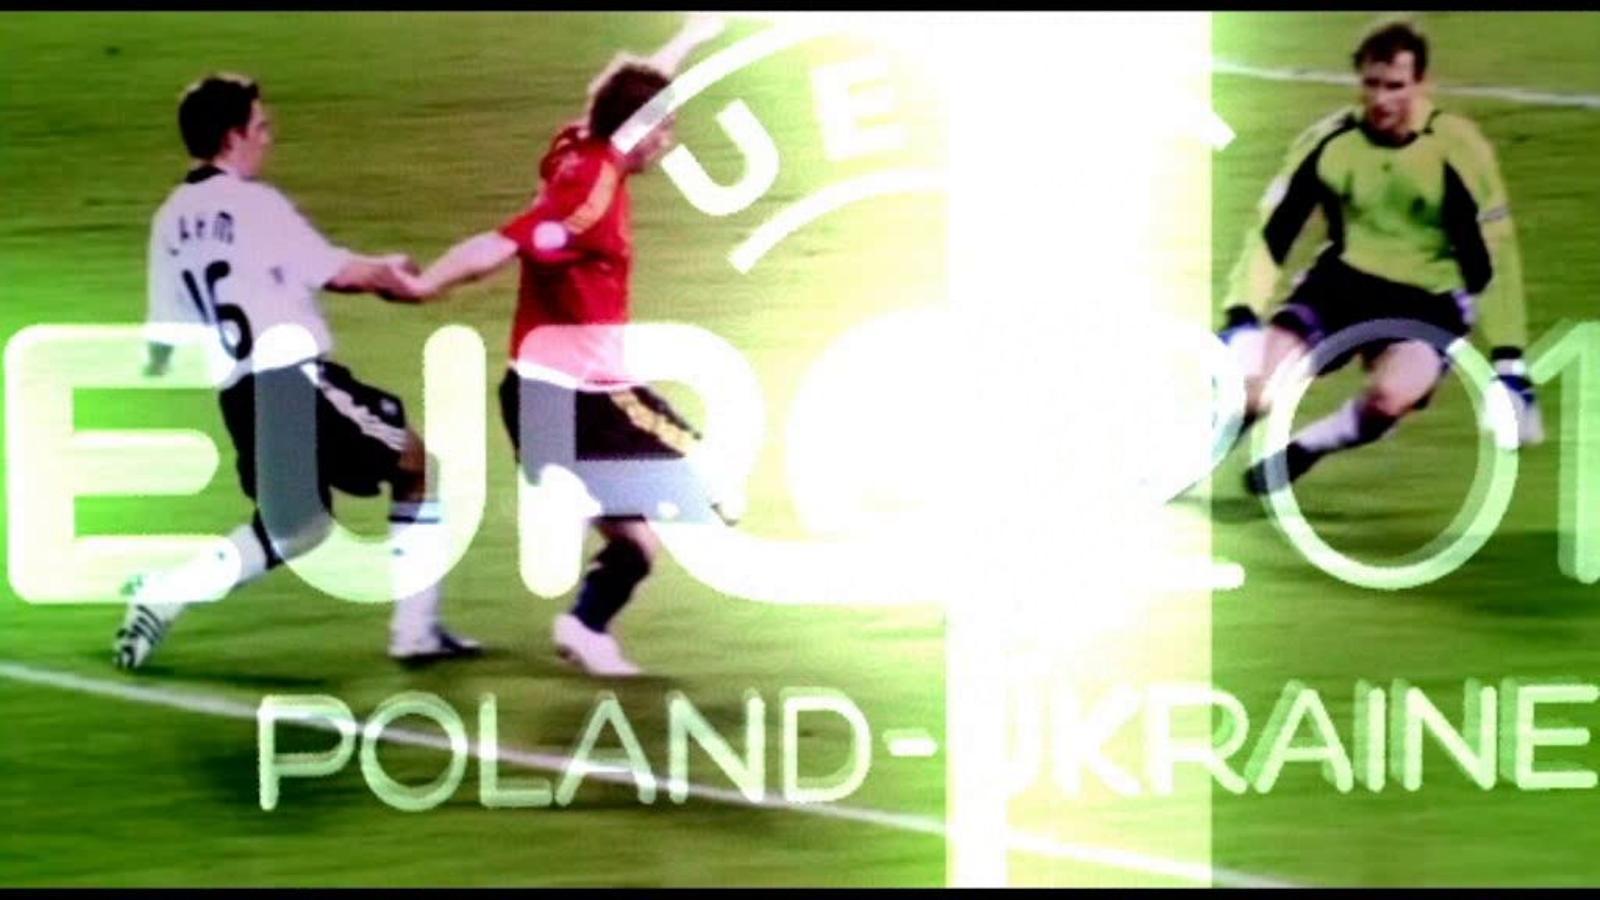 Aficionats al futbol d'arreu d'Europa omplen a vessar la Fan Zone de Varsòvia, a punt per l'inici de l'Eucopa